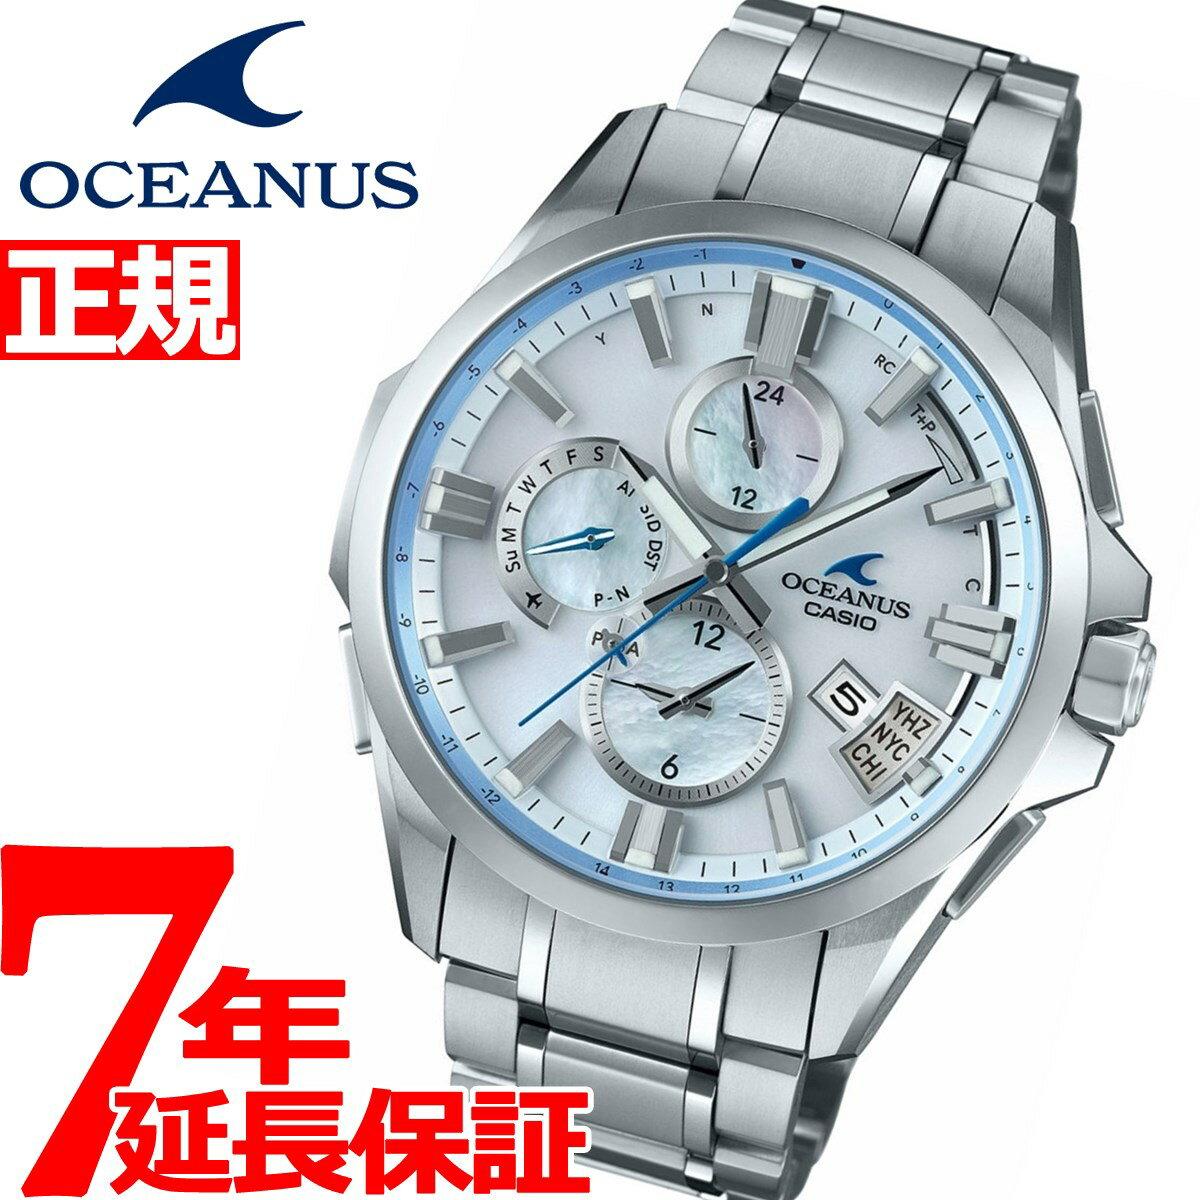 カシオ オシアナス CASIO OCEANUS Bluetooth搭載 GPS 電波 ソーラー 電波時計 腕時計 メンズ タフソーラー OCW-G2000H-7AJF【2018 新作】